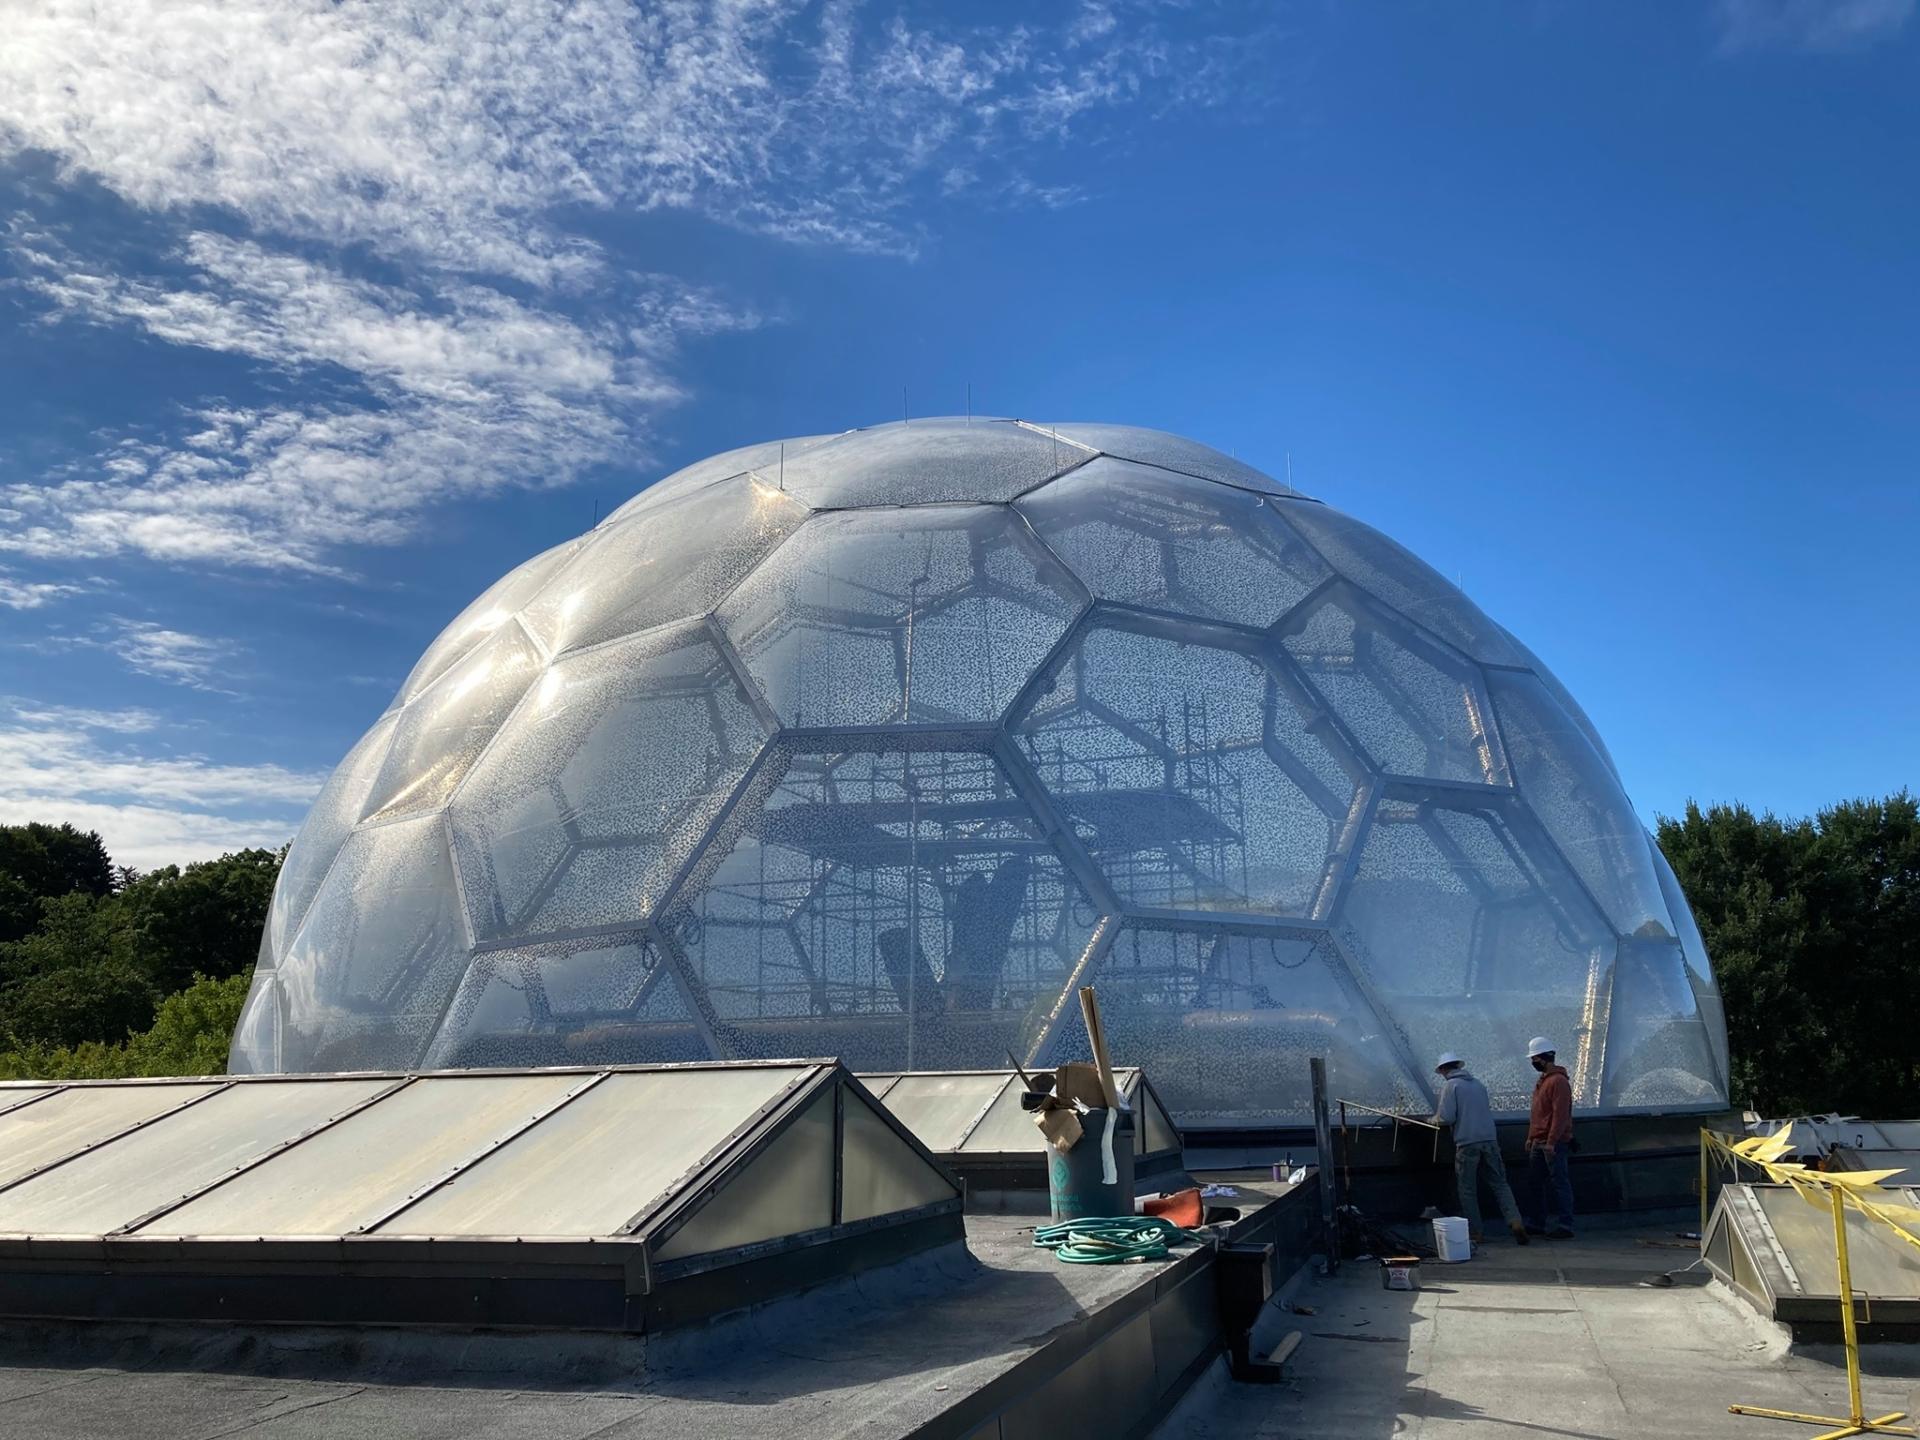 Die neue transparente geodätische Kuppel im Clevleand Metroparks Zoo besteht aus 840 m2 Texlon® ETFE über dem Orang-Utan-Bereich.